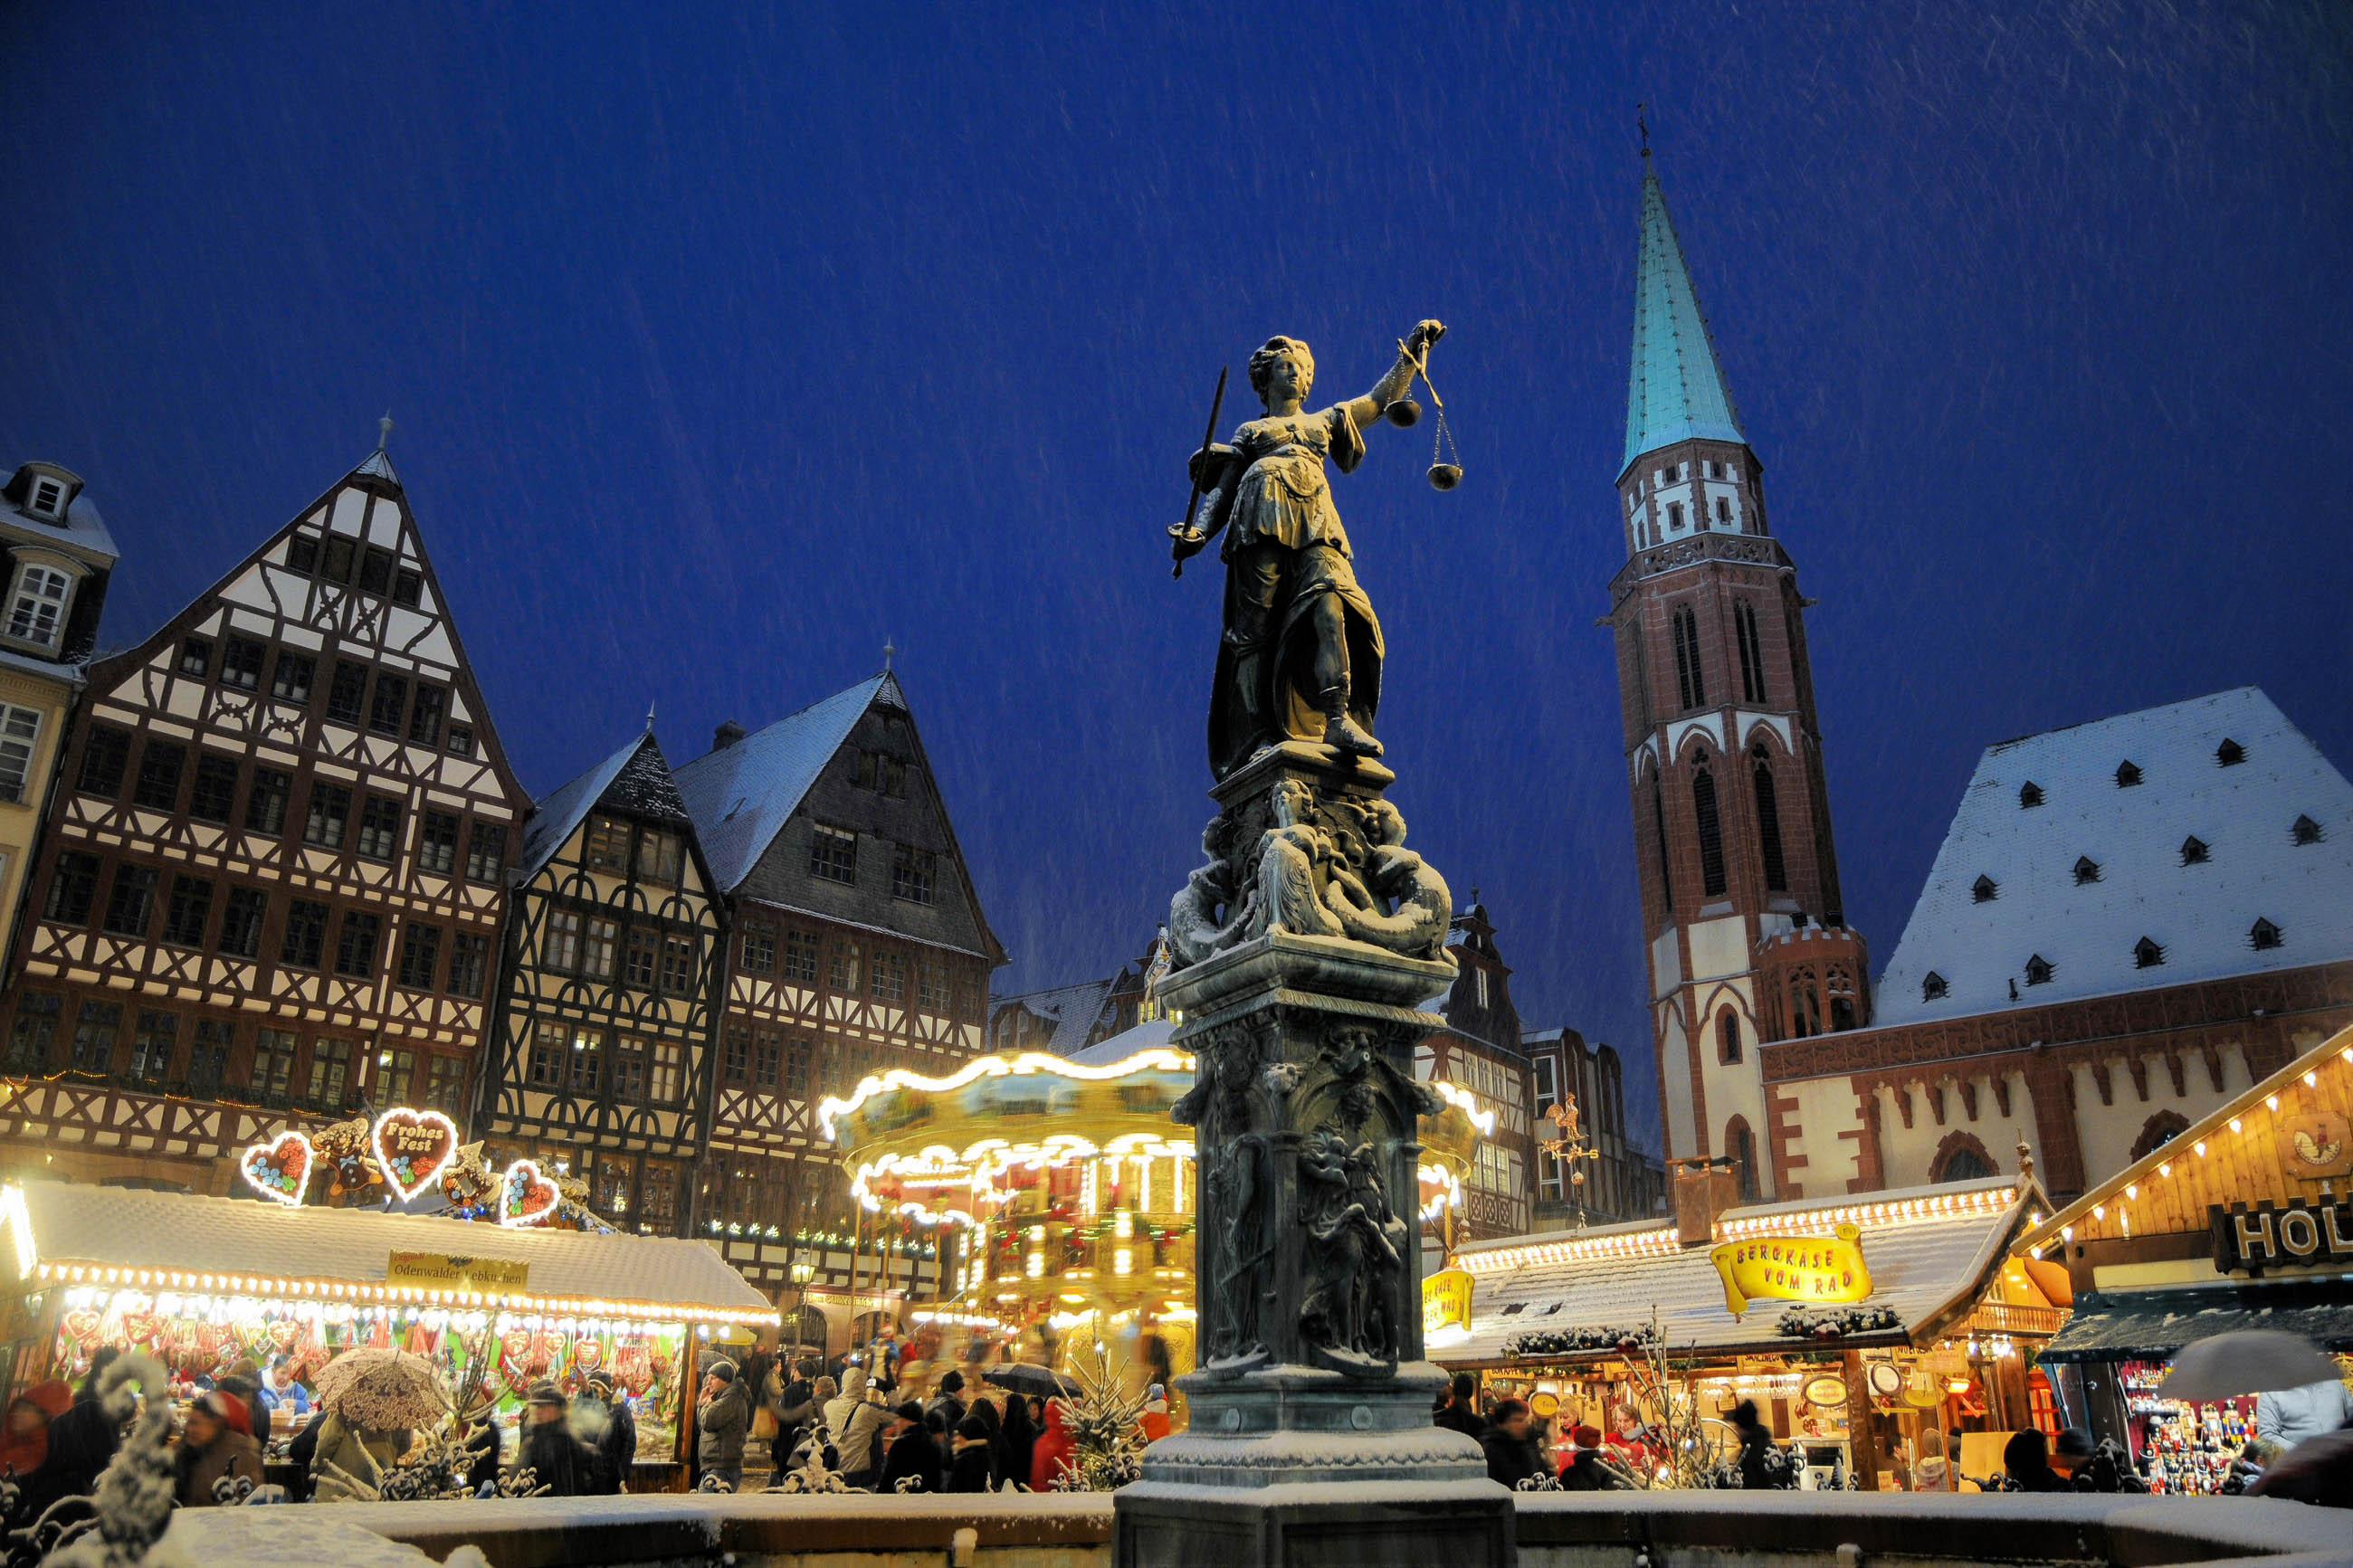 Weihnachtsmarkt Frankfurt Am Main.Bilder Weihnachtsmarkt In Frankfurt Deutschland Franks Travelbox